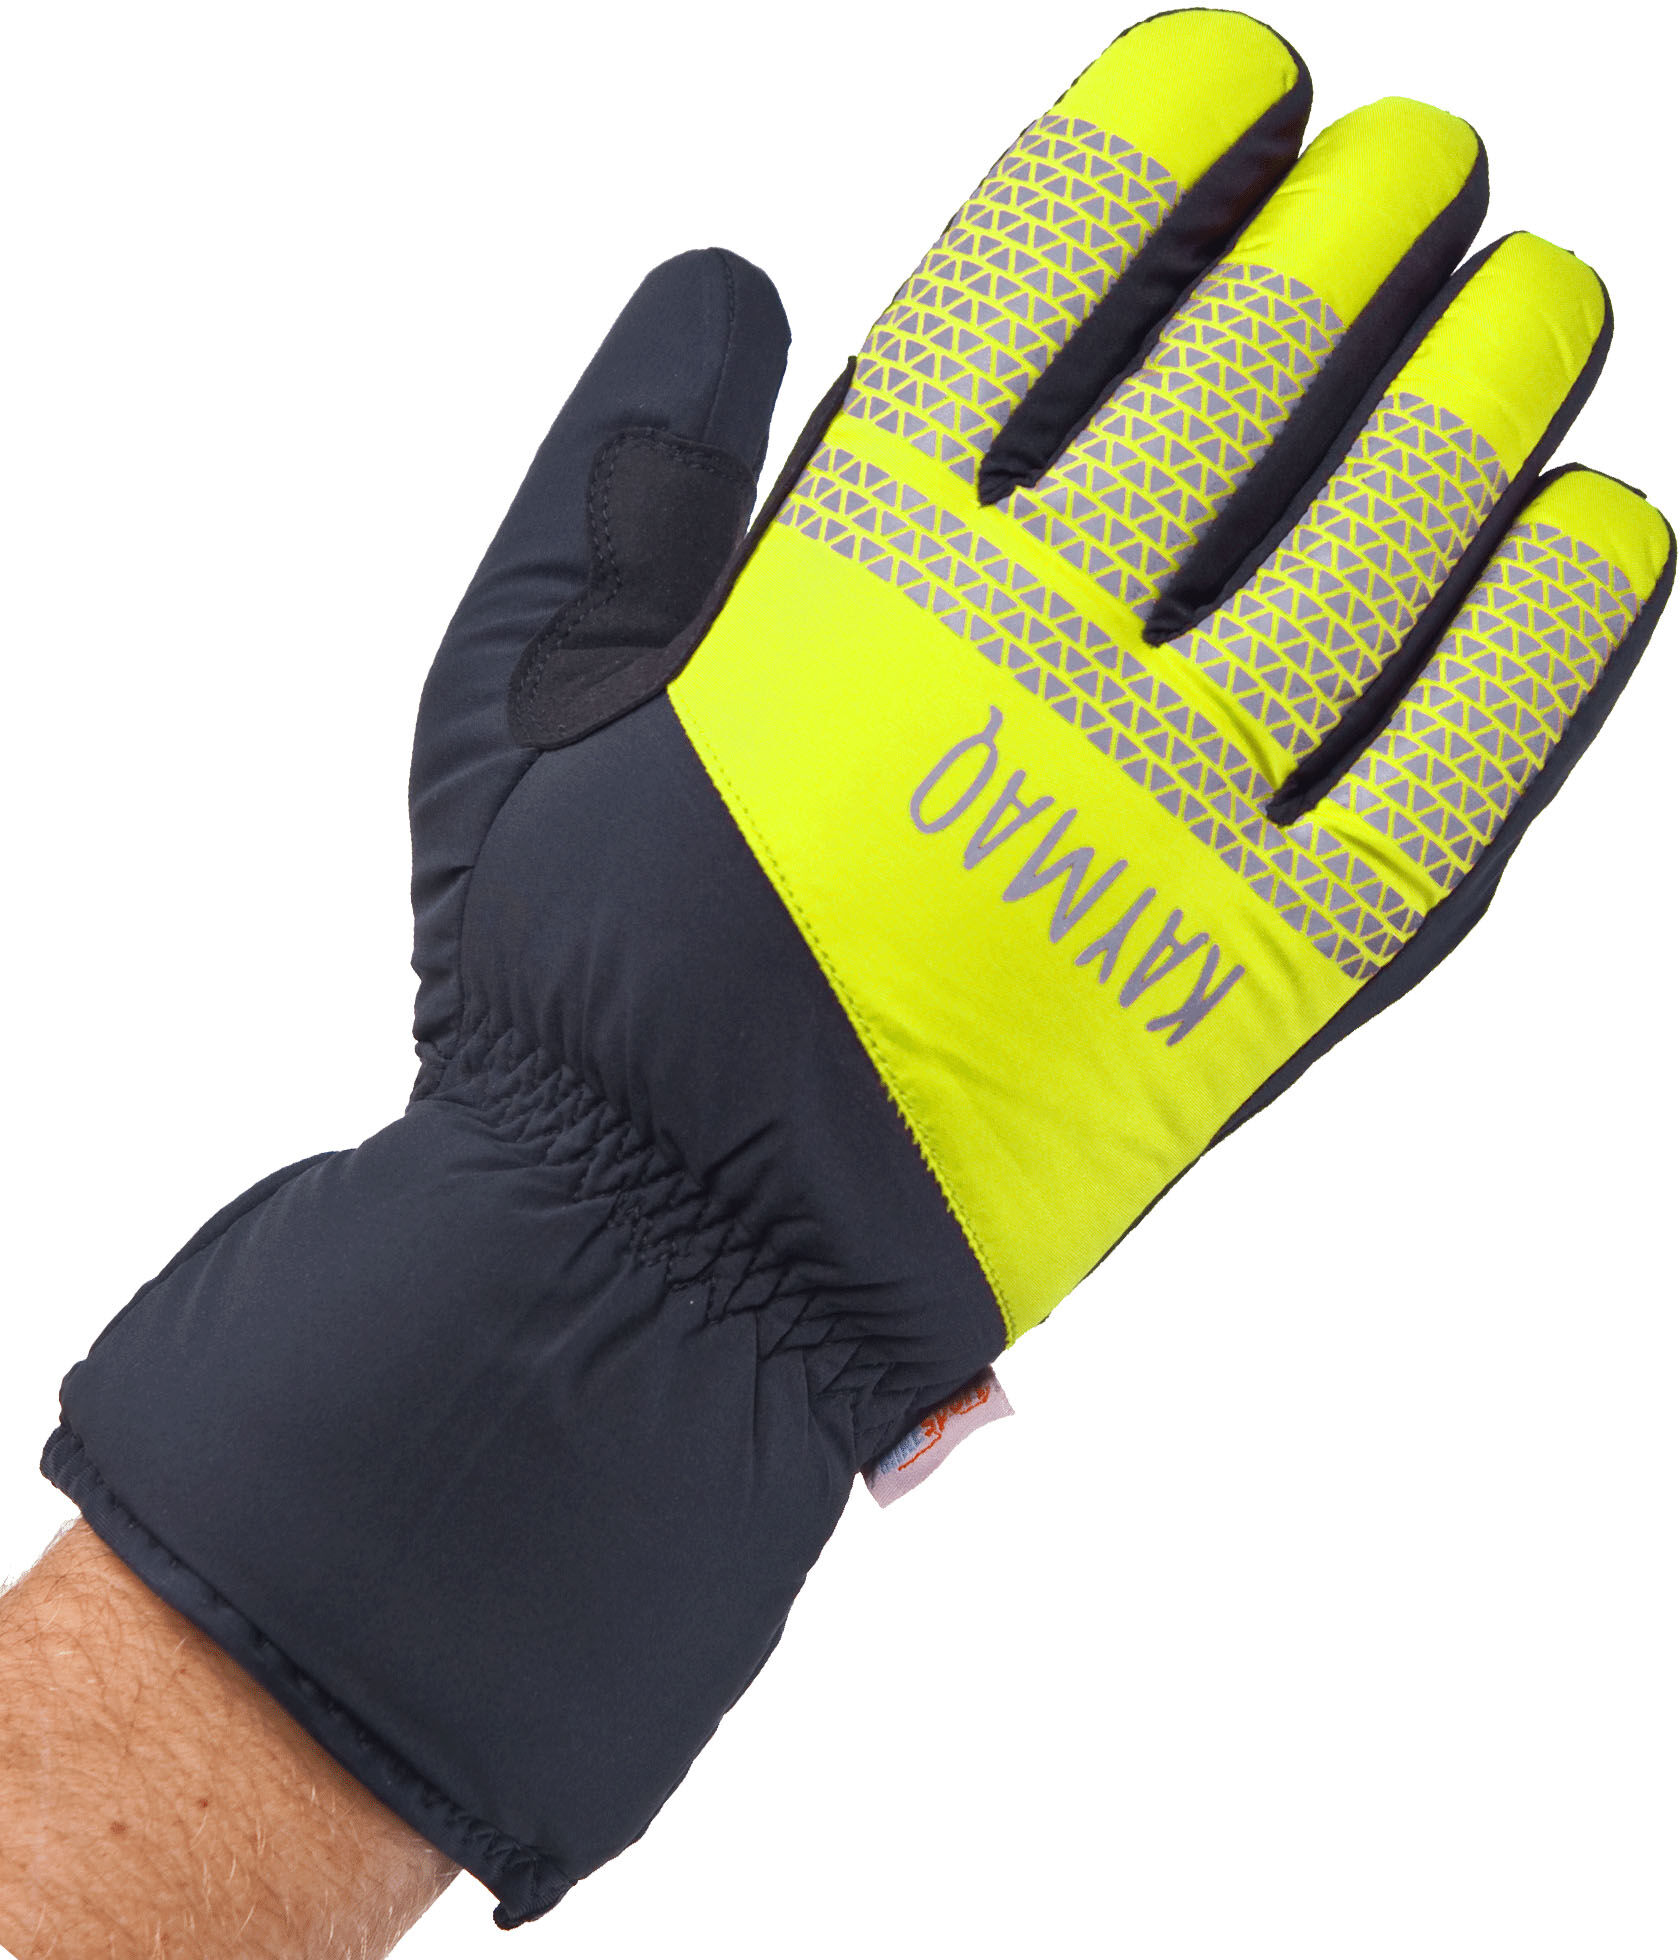 KAYMAQ GLW-002 zimowe rękawiczki rowerowe, czarny-fluor Rozmiar: M,KaymaqGLW-002blkfluye